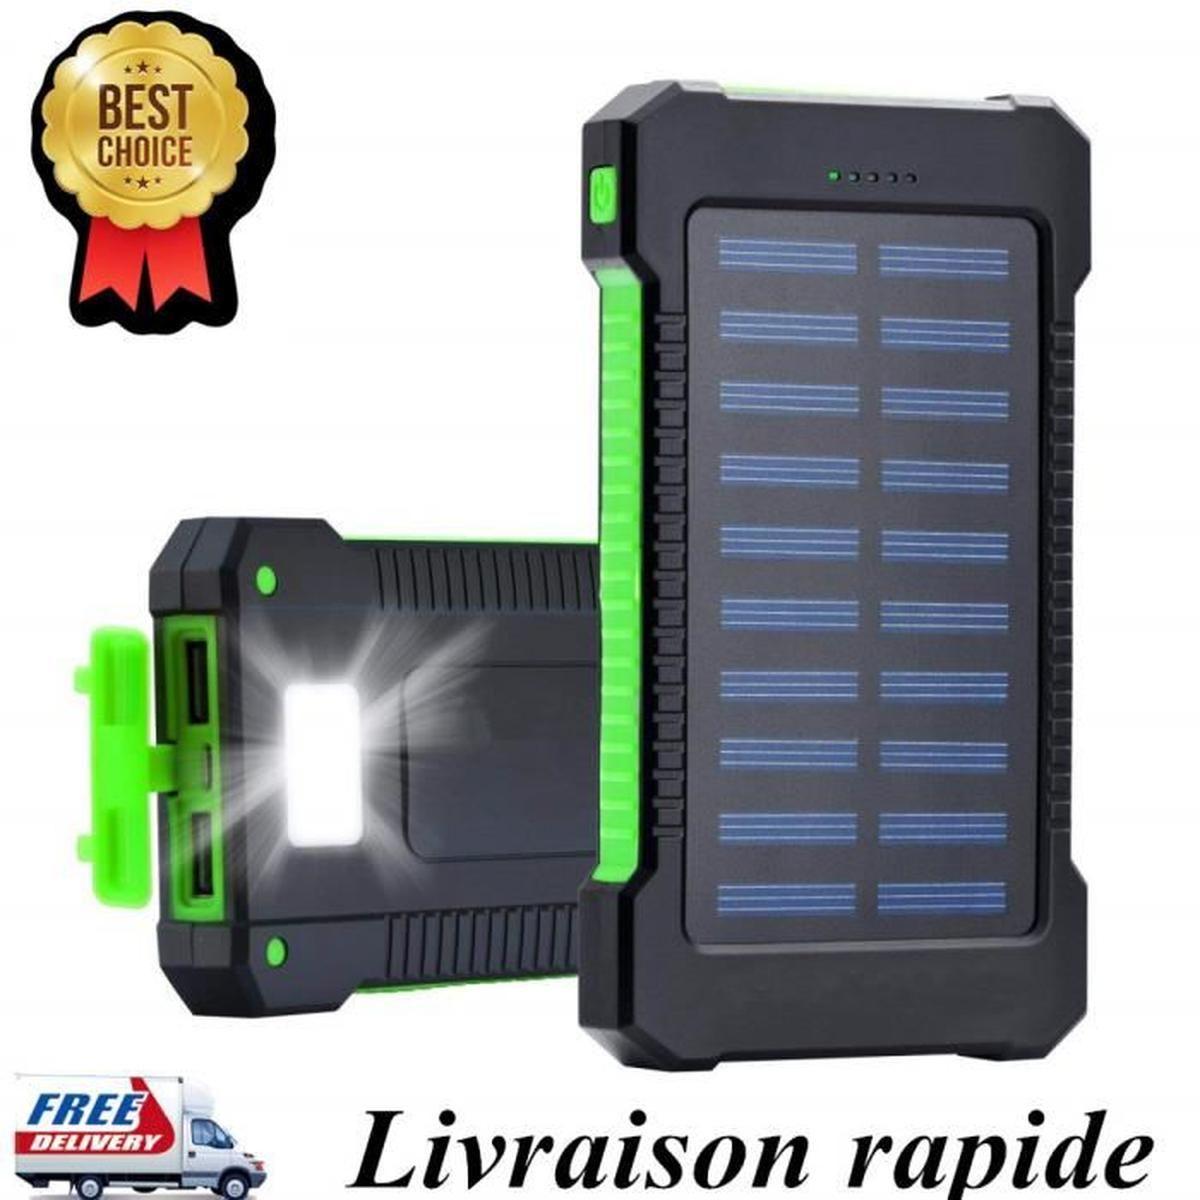 Kit Lampe Solaire Avec Batterie avec Pile Pour Lampe Solaire De Jardin